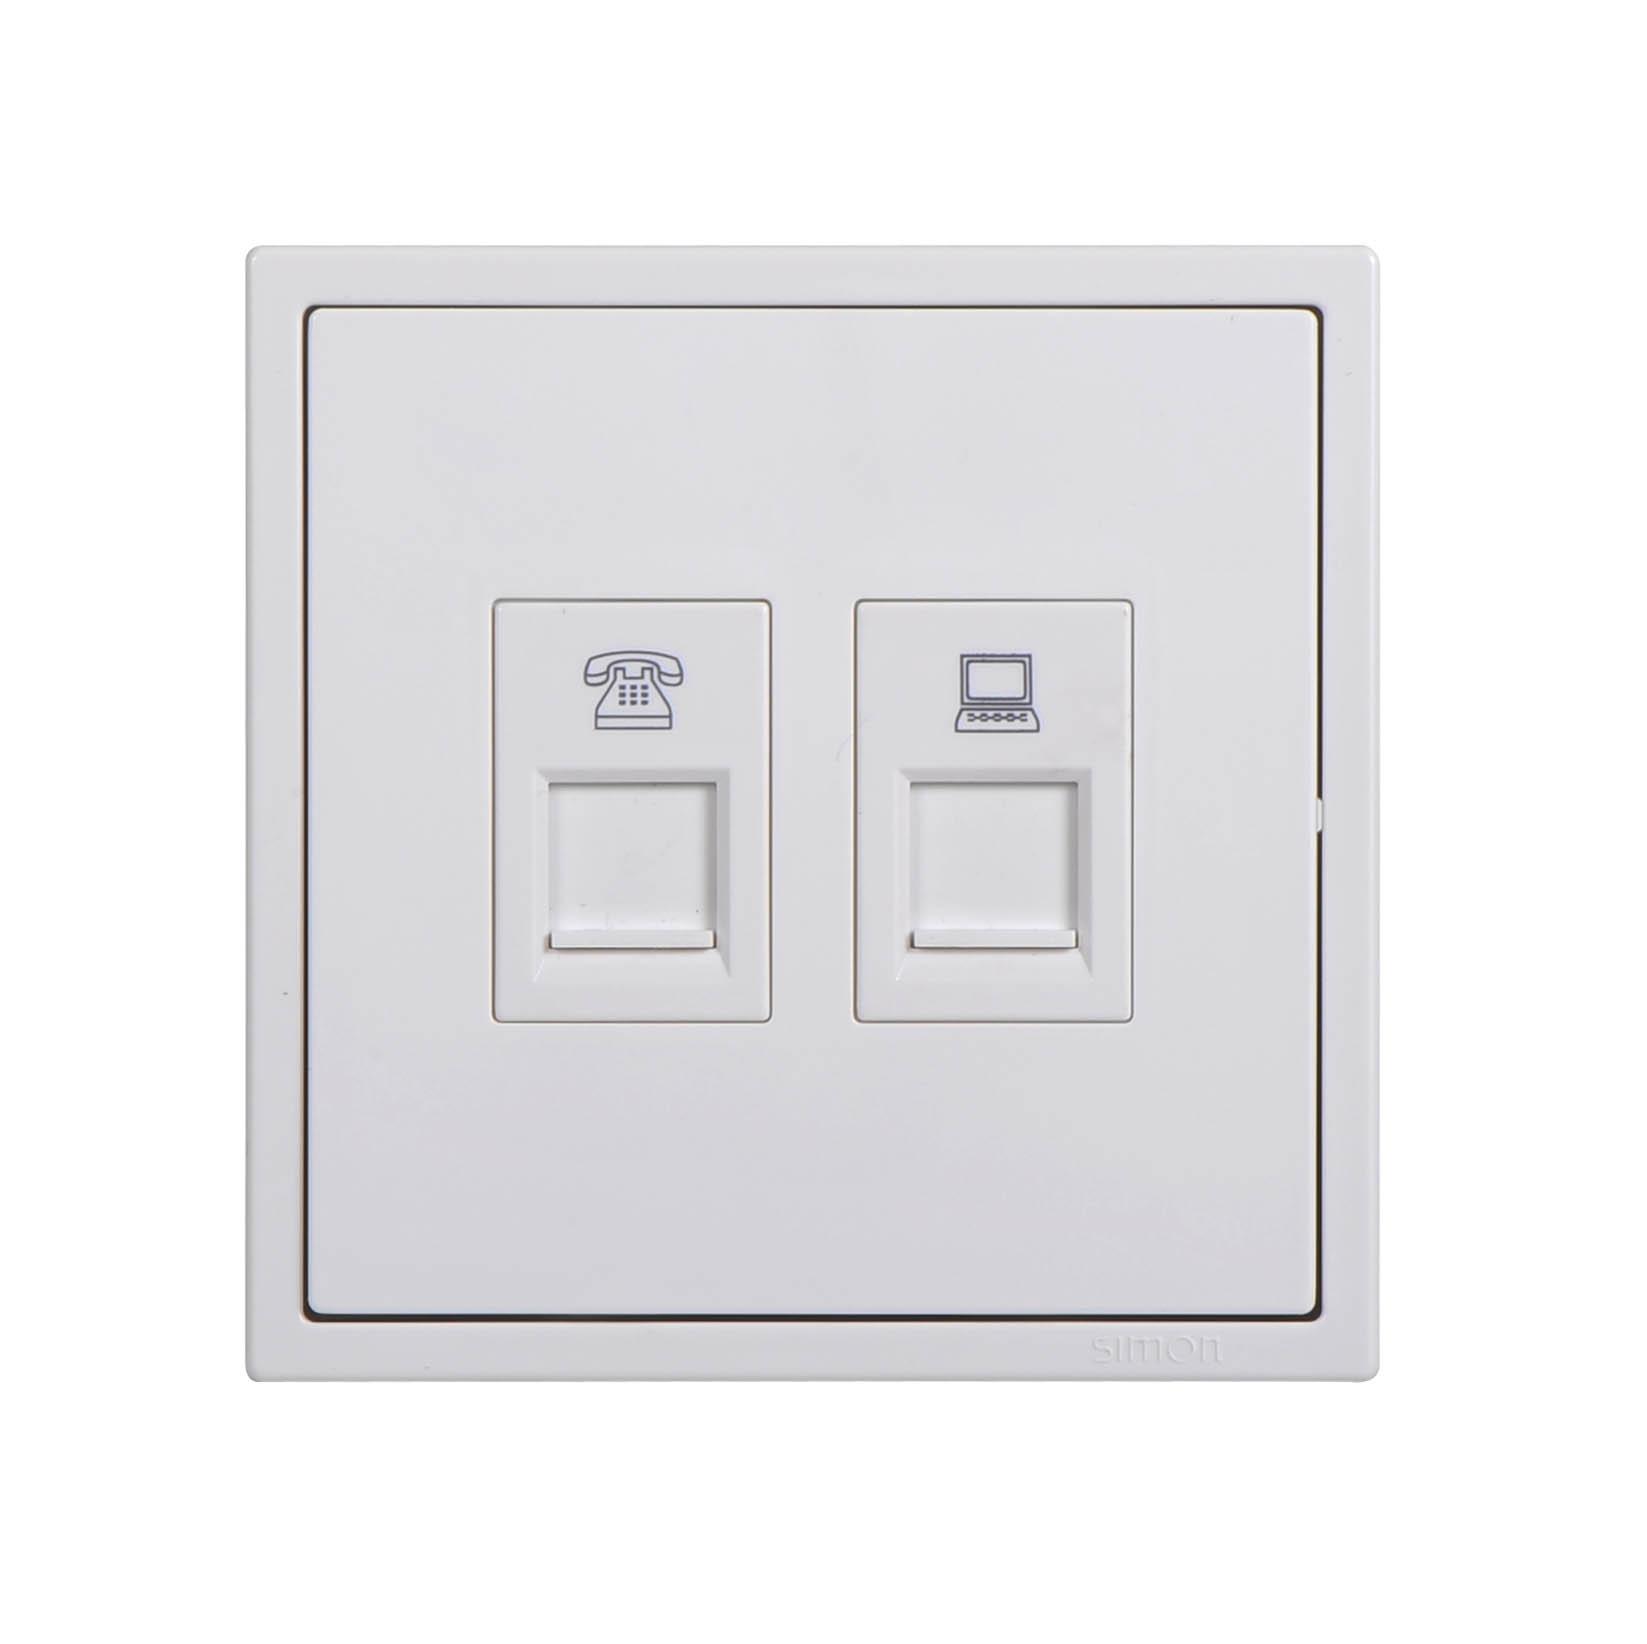 Ổ cắm điện thoại kết nối RJ11 và ổ cắm dữ liệu Cat6 705629